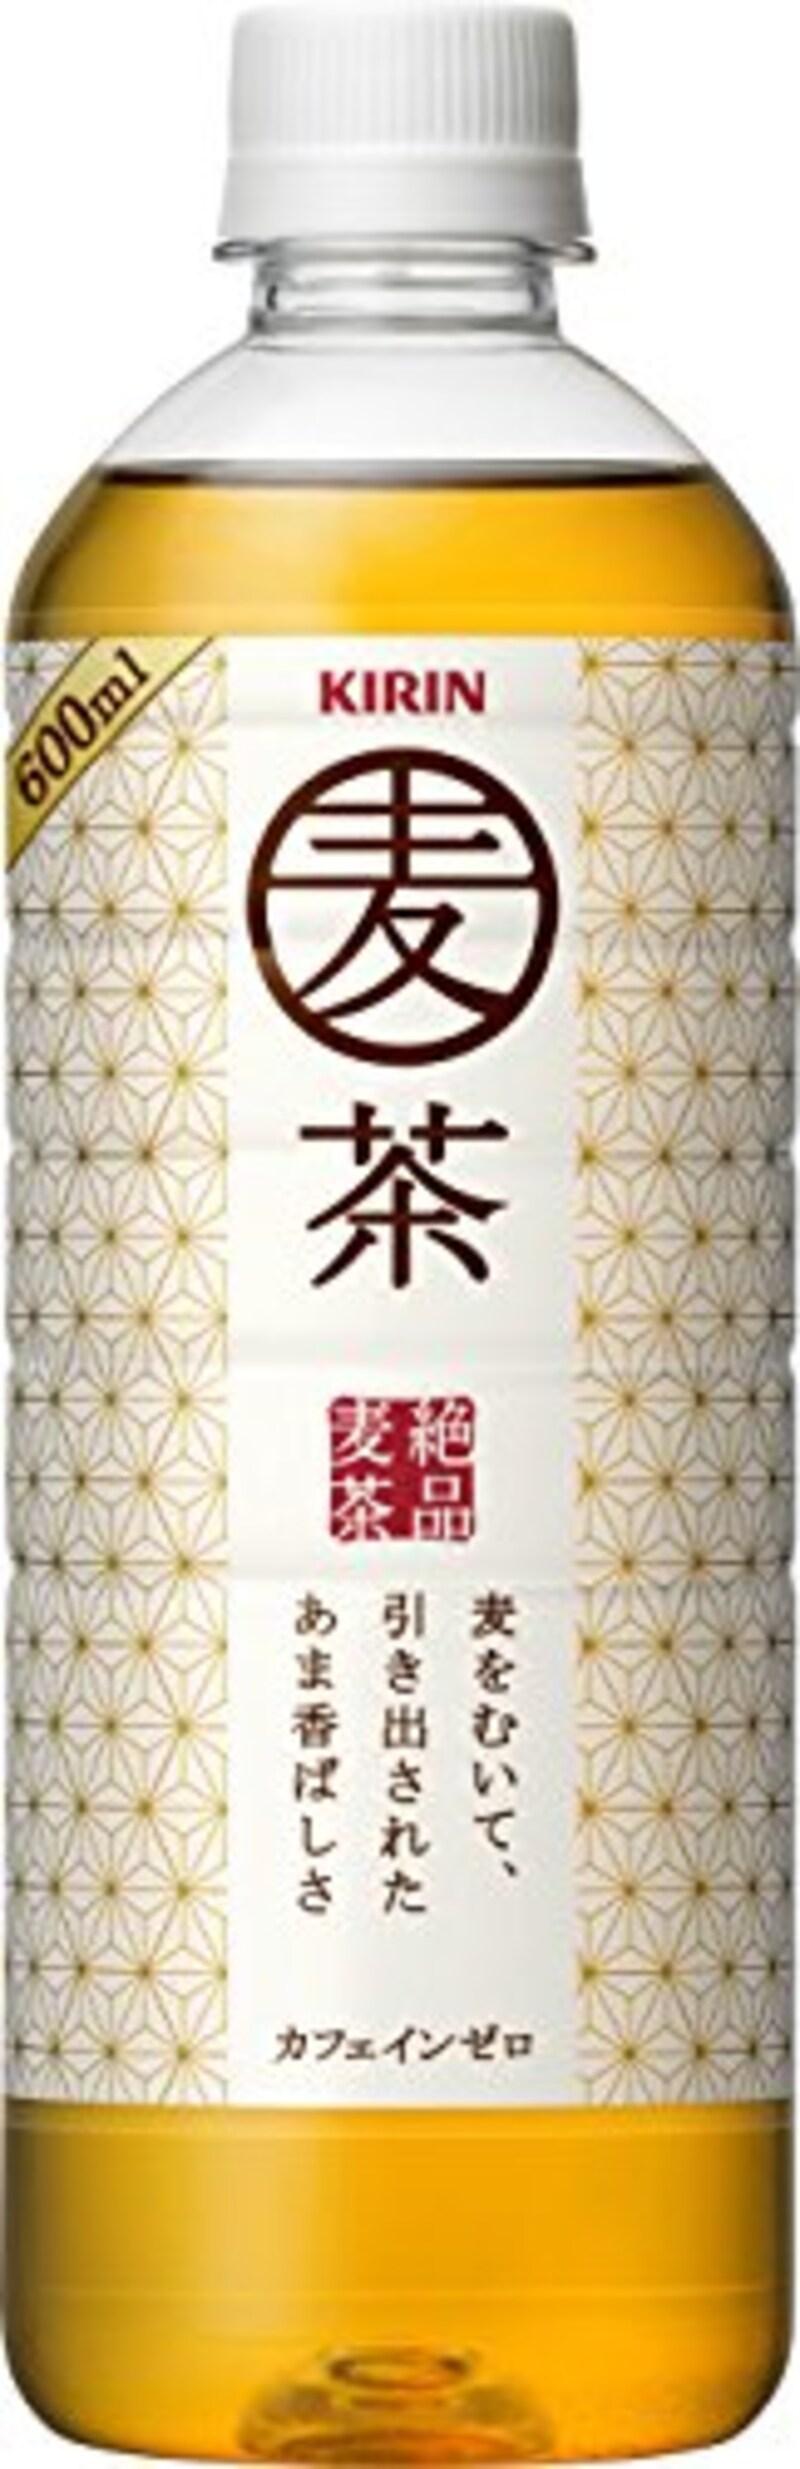 キリン,絶品麦茶    600ml×24